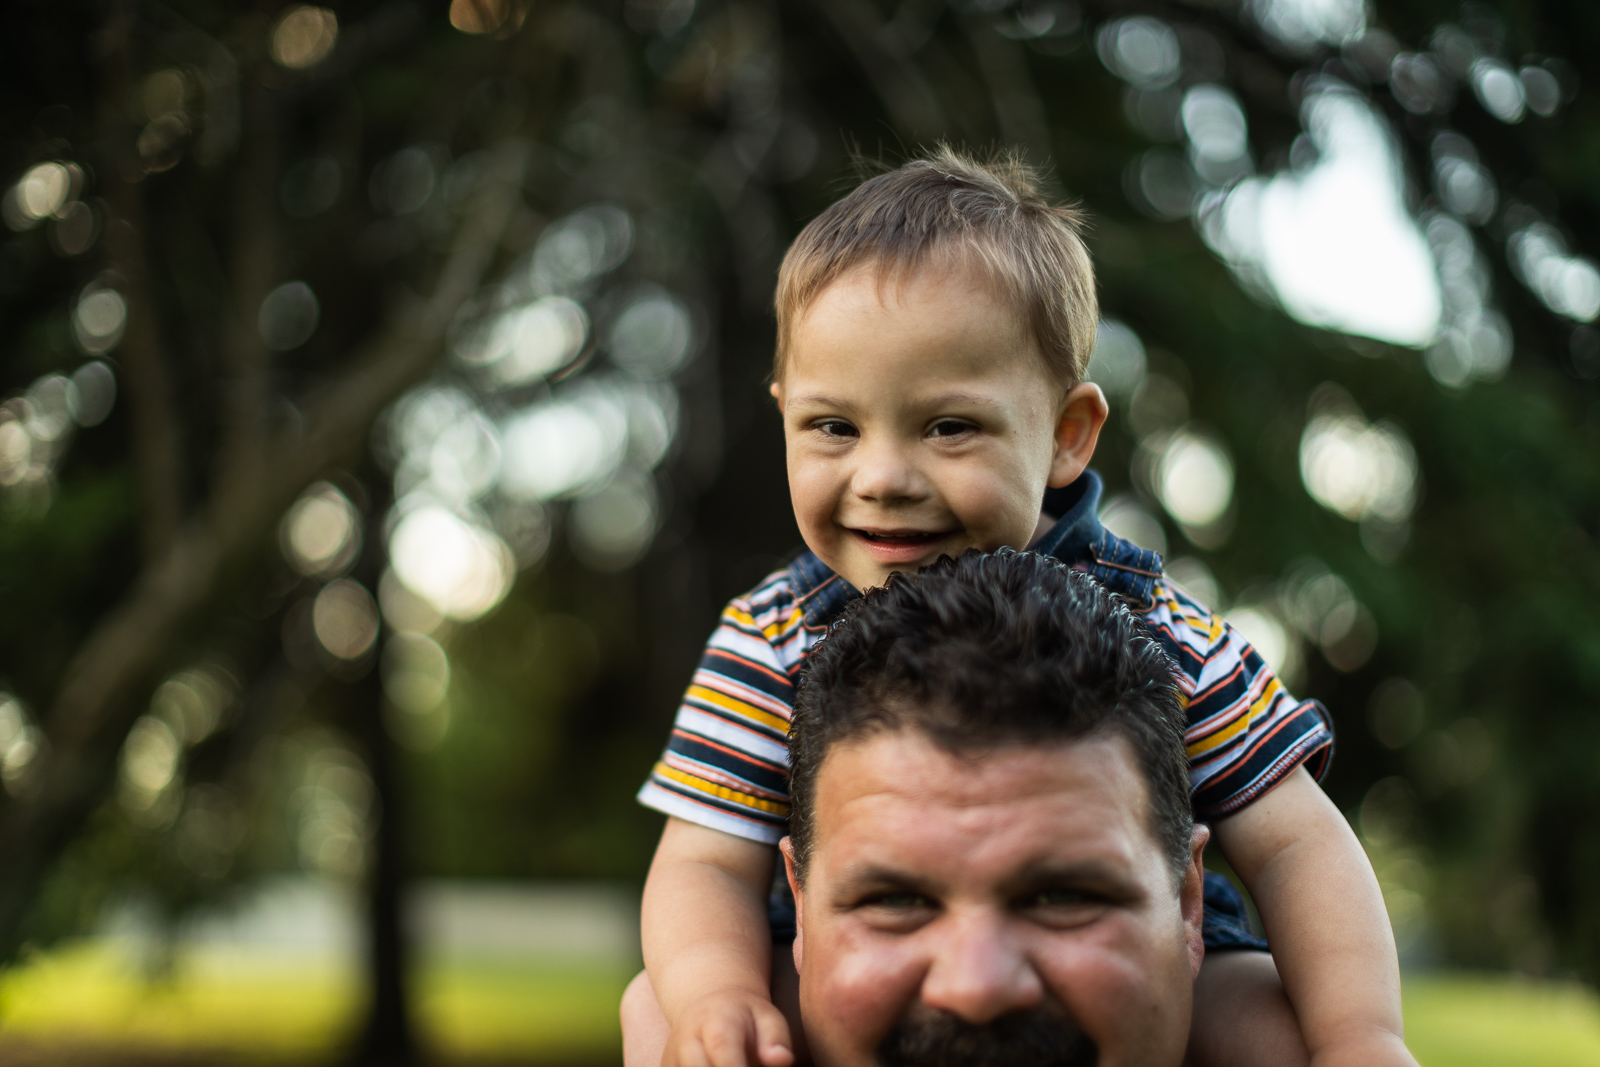 andre-danielle-family-portraits-blog-8.jpg